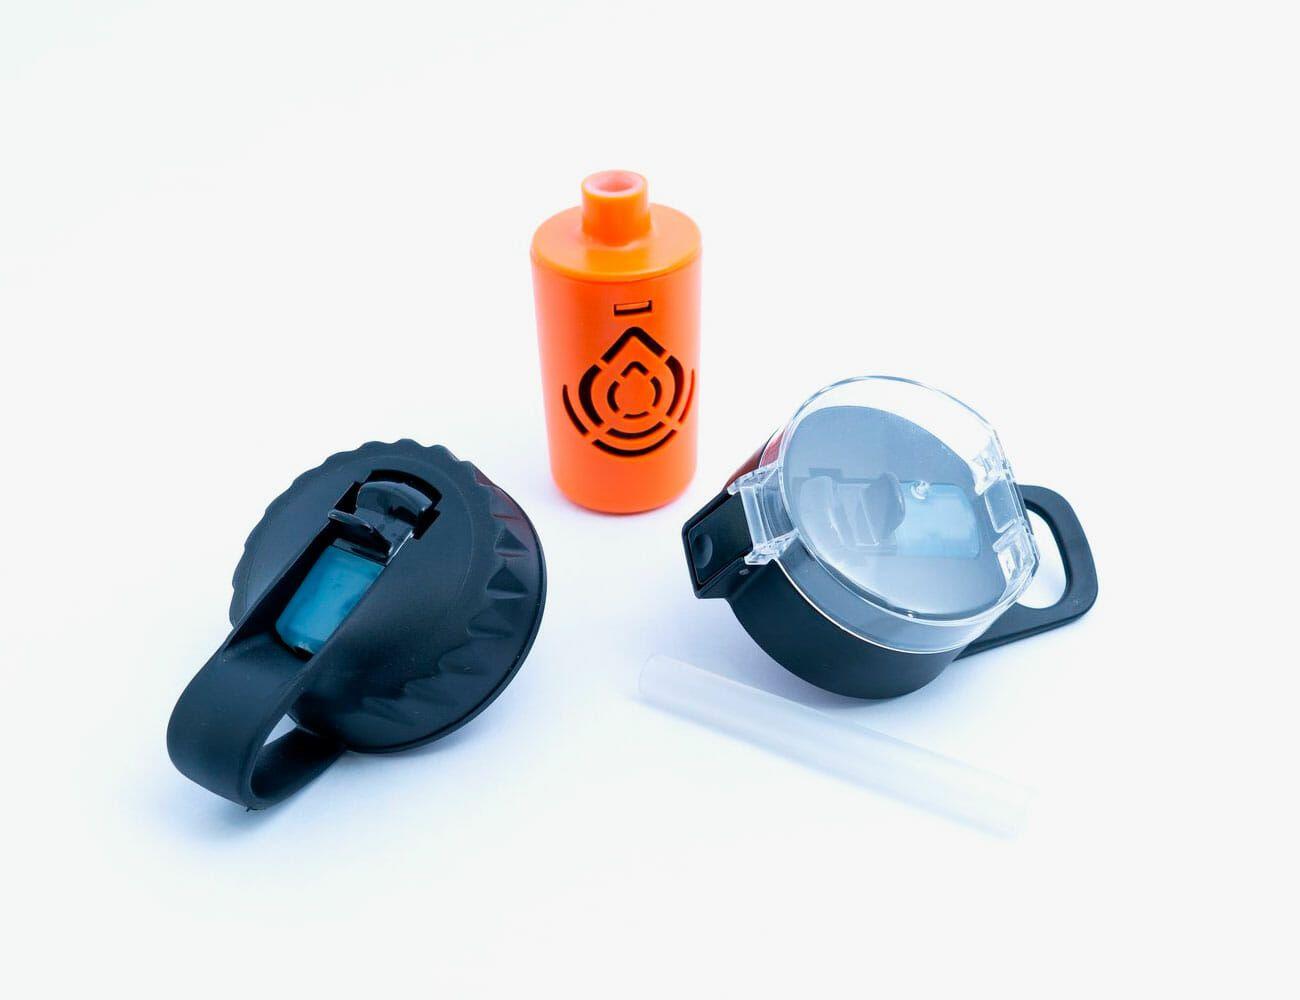 3 x Drink Bottle Lock Protectors Orange Combination Protect Kwik Top